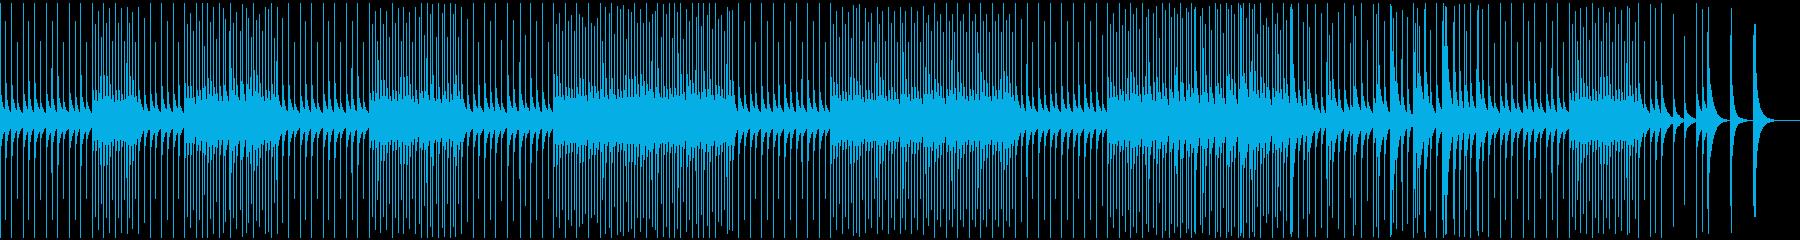 ティーン アンビエントミュージック...の再生済みの波形